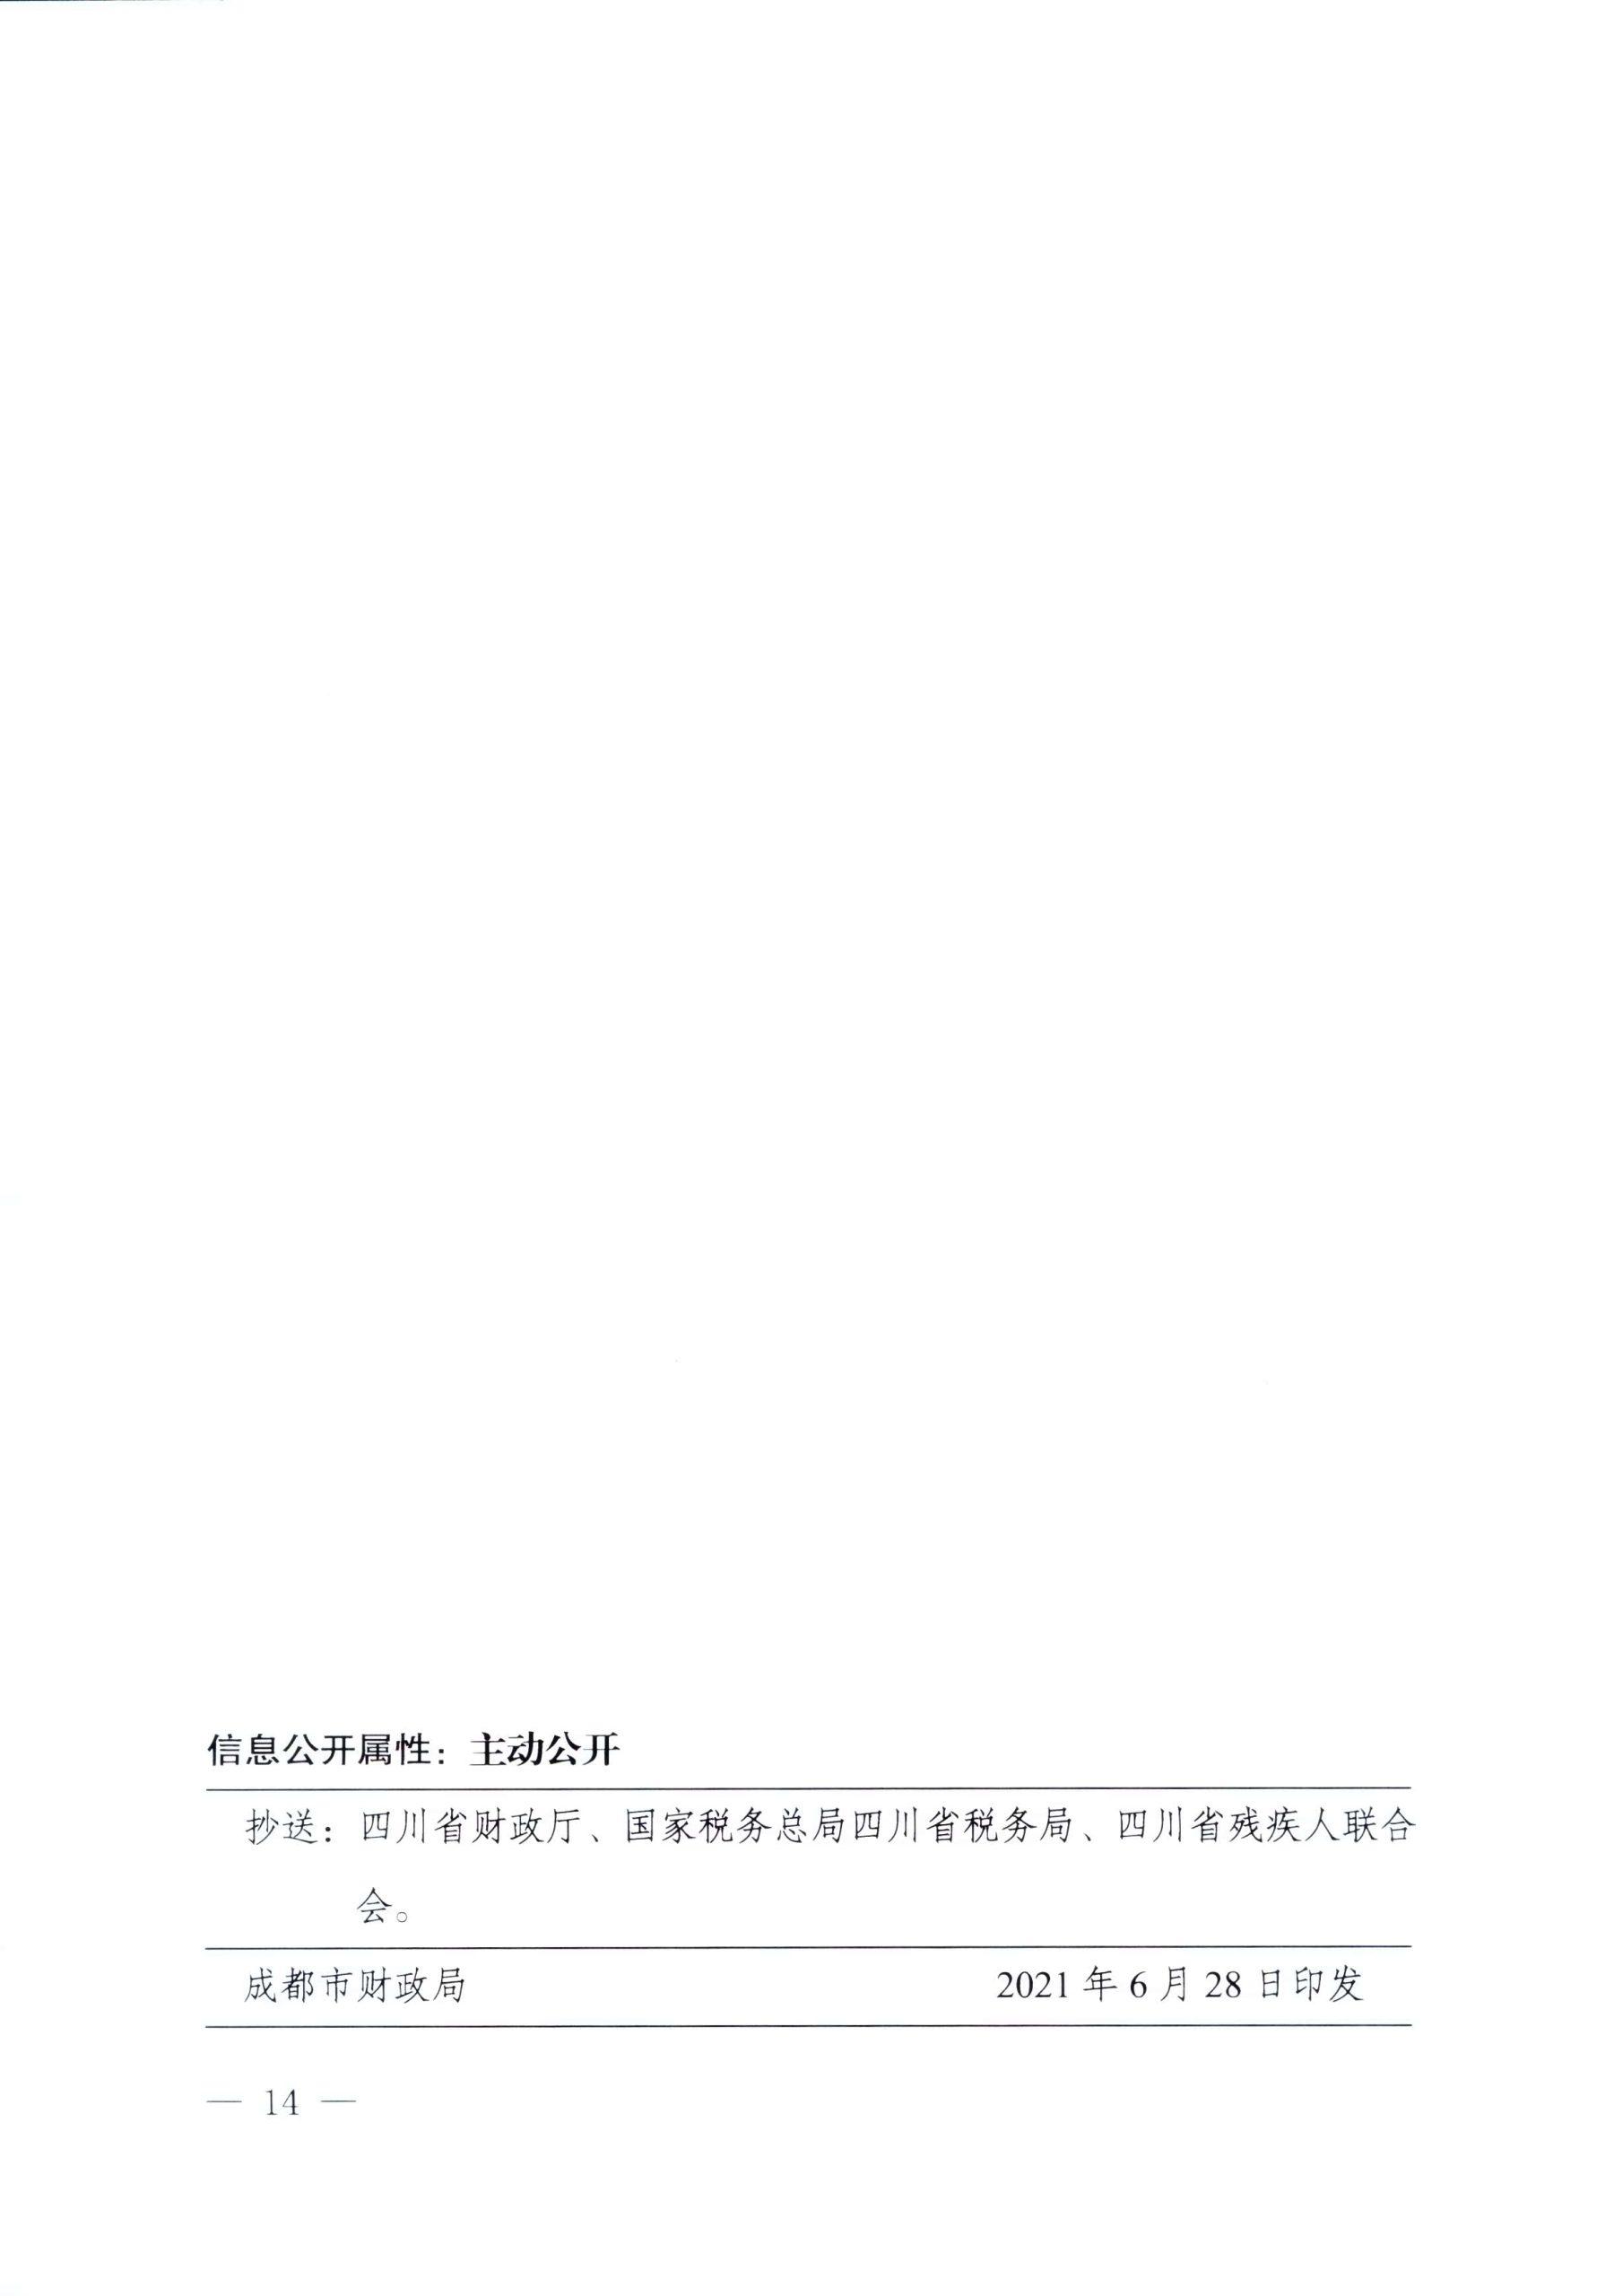 成财规[2021]1号(关于印发《成都市残疾人就业保障金征收使用管理实施细则》的通知